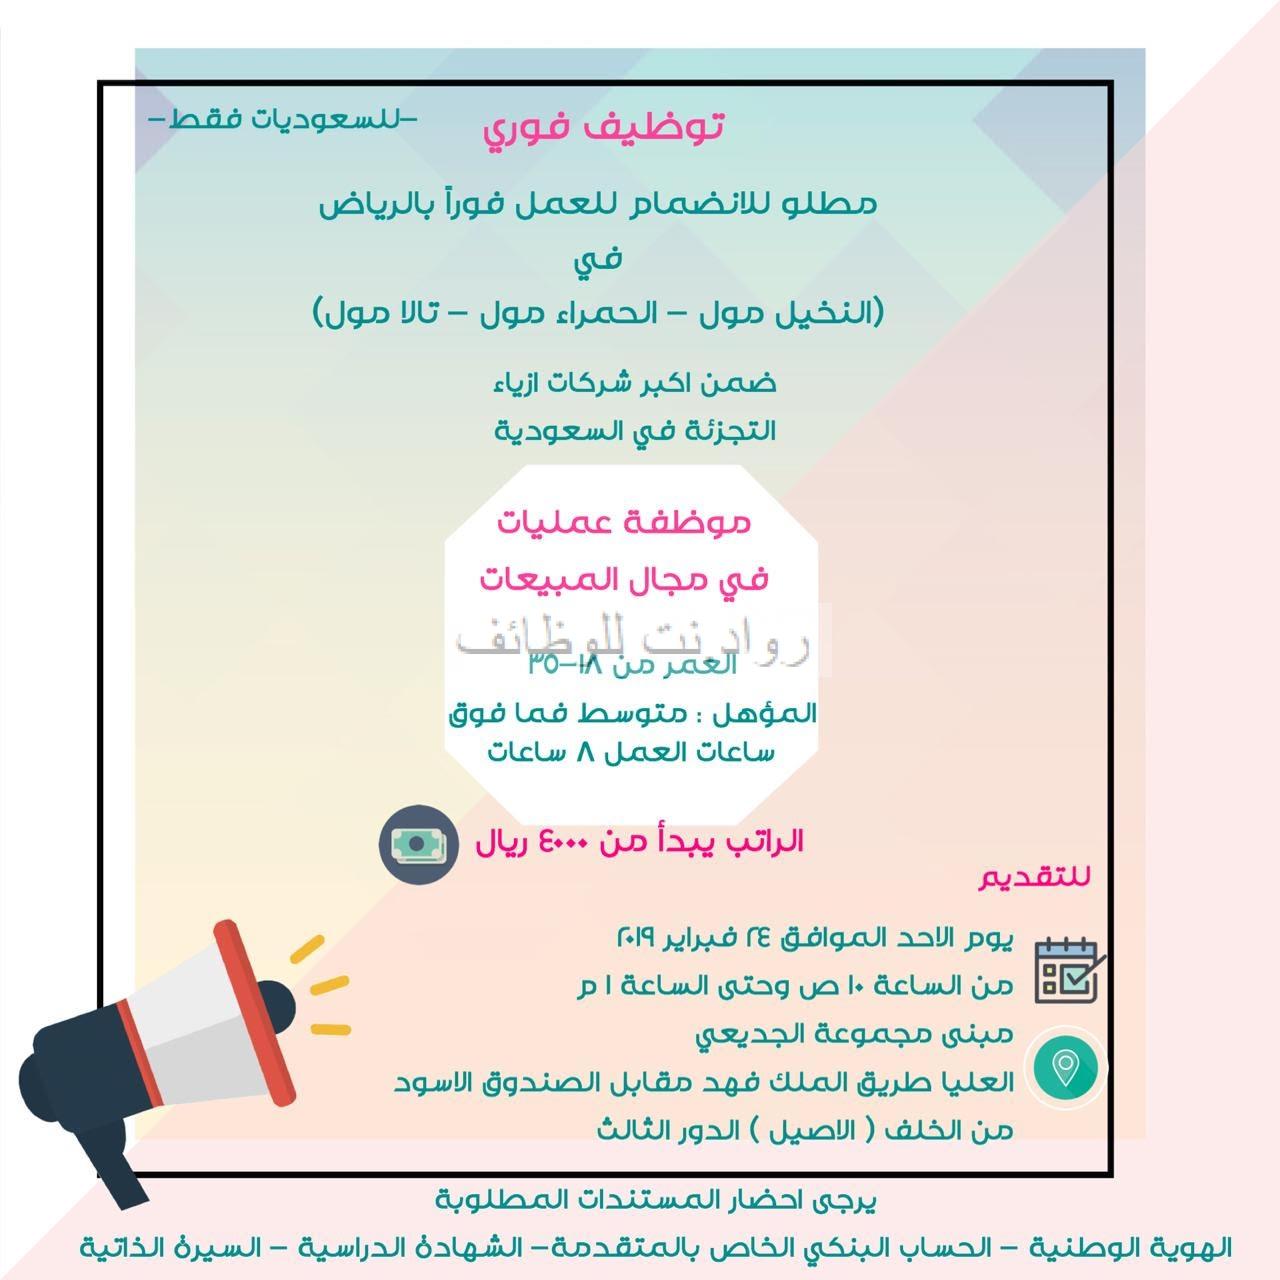 حركة واضح ضبط النفس وظائف نسائية عن بعد الرياض Dsvdedommel Com